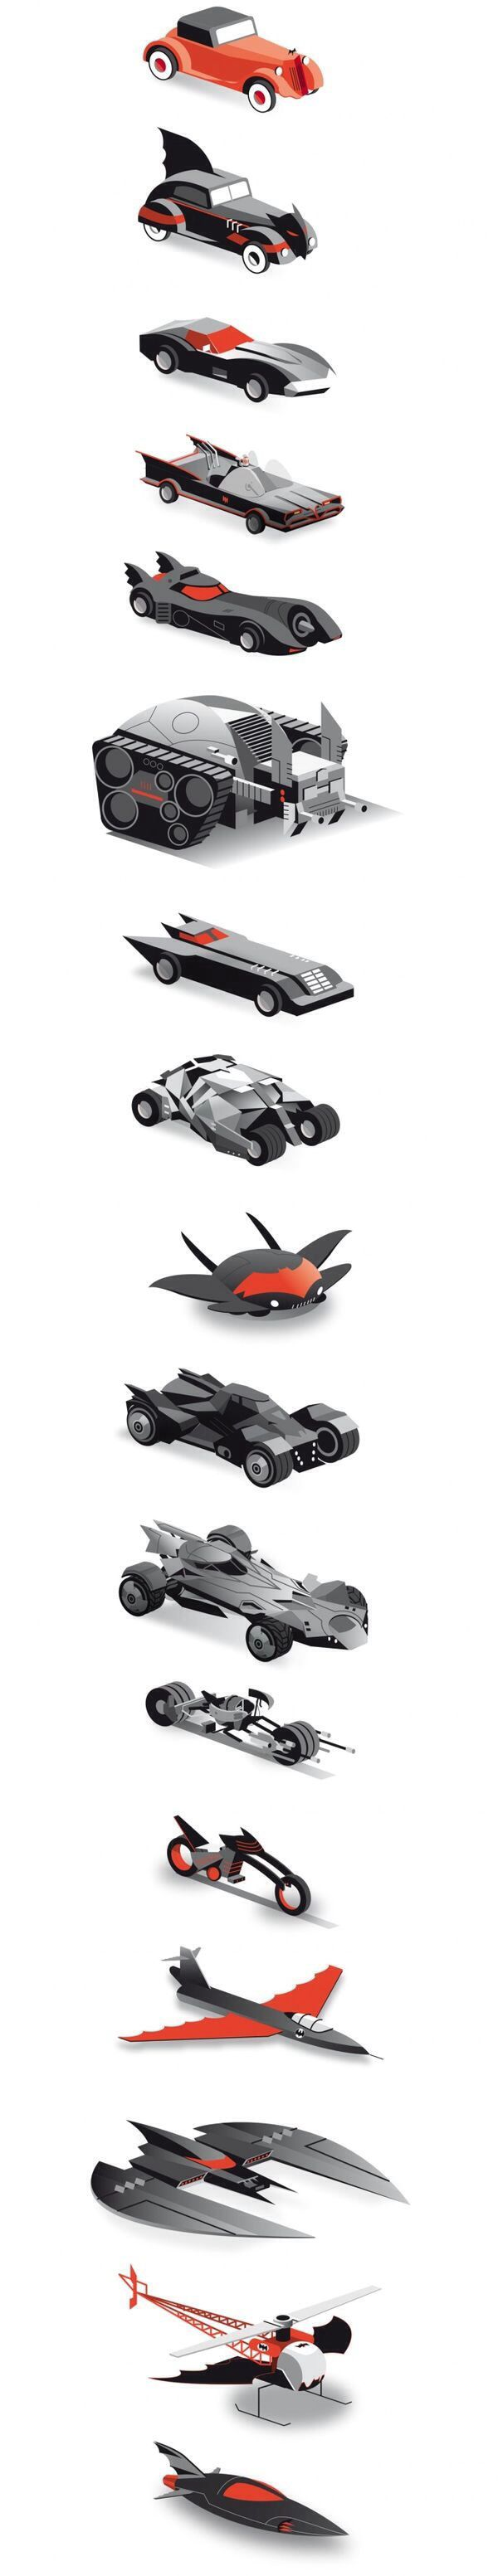 Batman 75 years of Batmobiles                                                                                                                                                                                 More